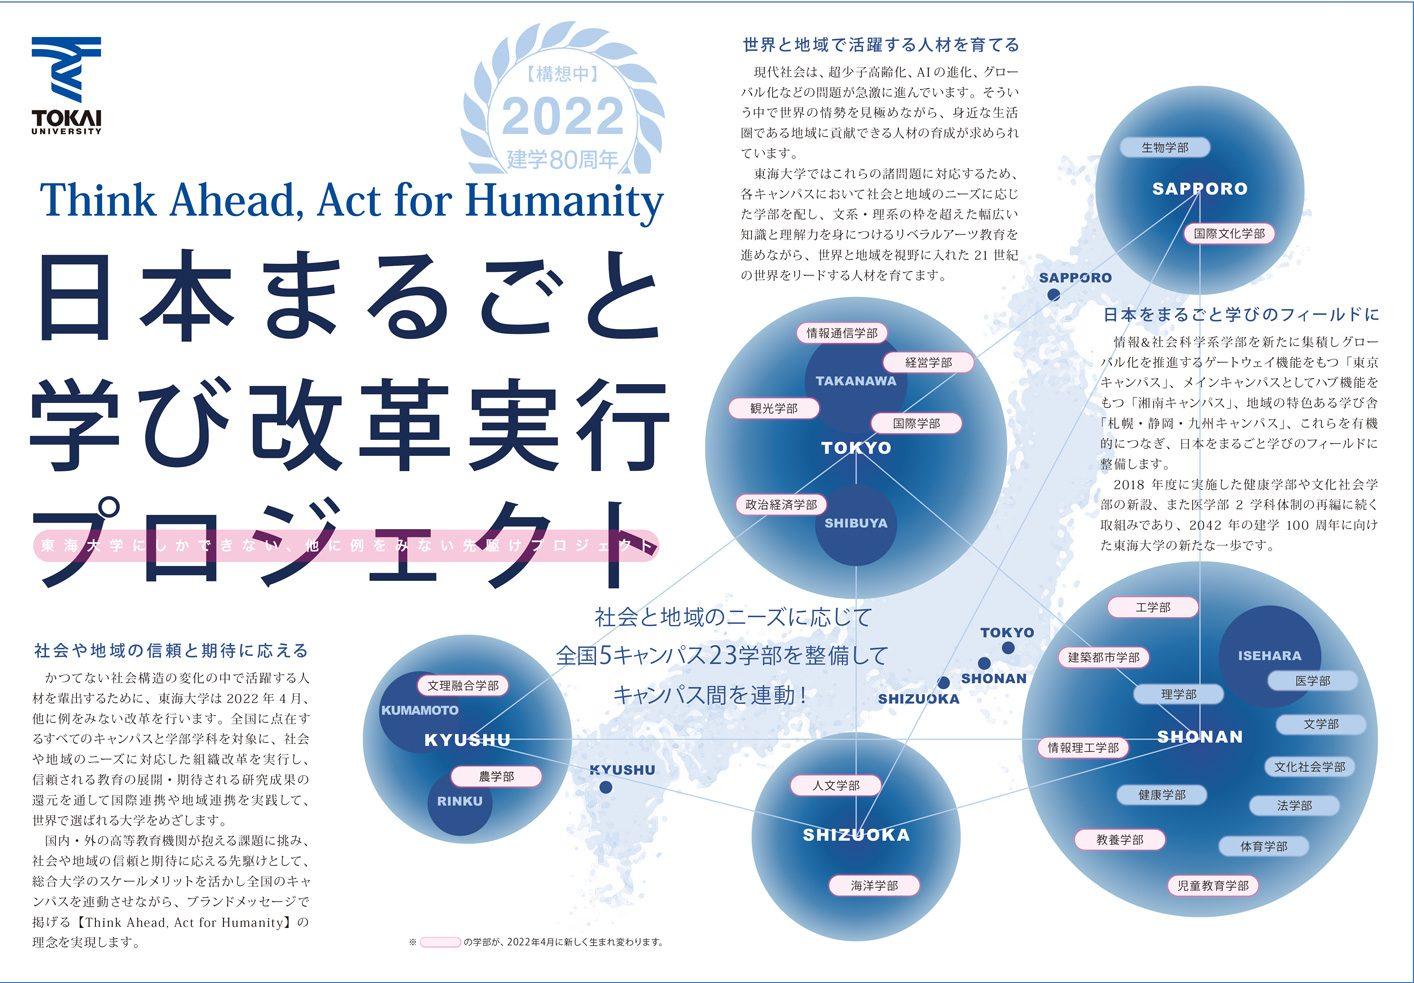 日本まるごと学び改革実行プロジェクトの概要